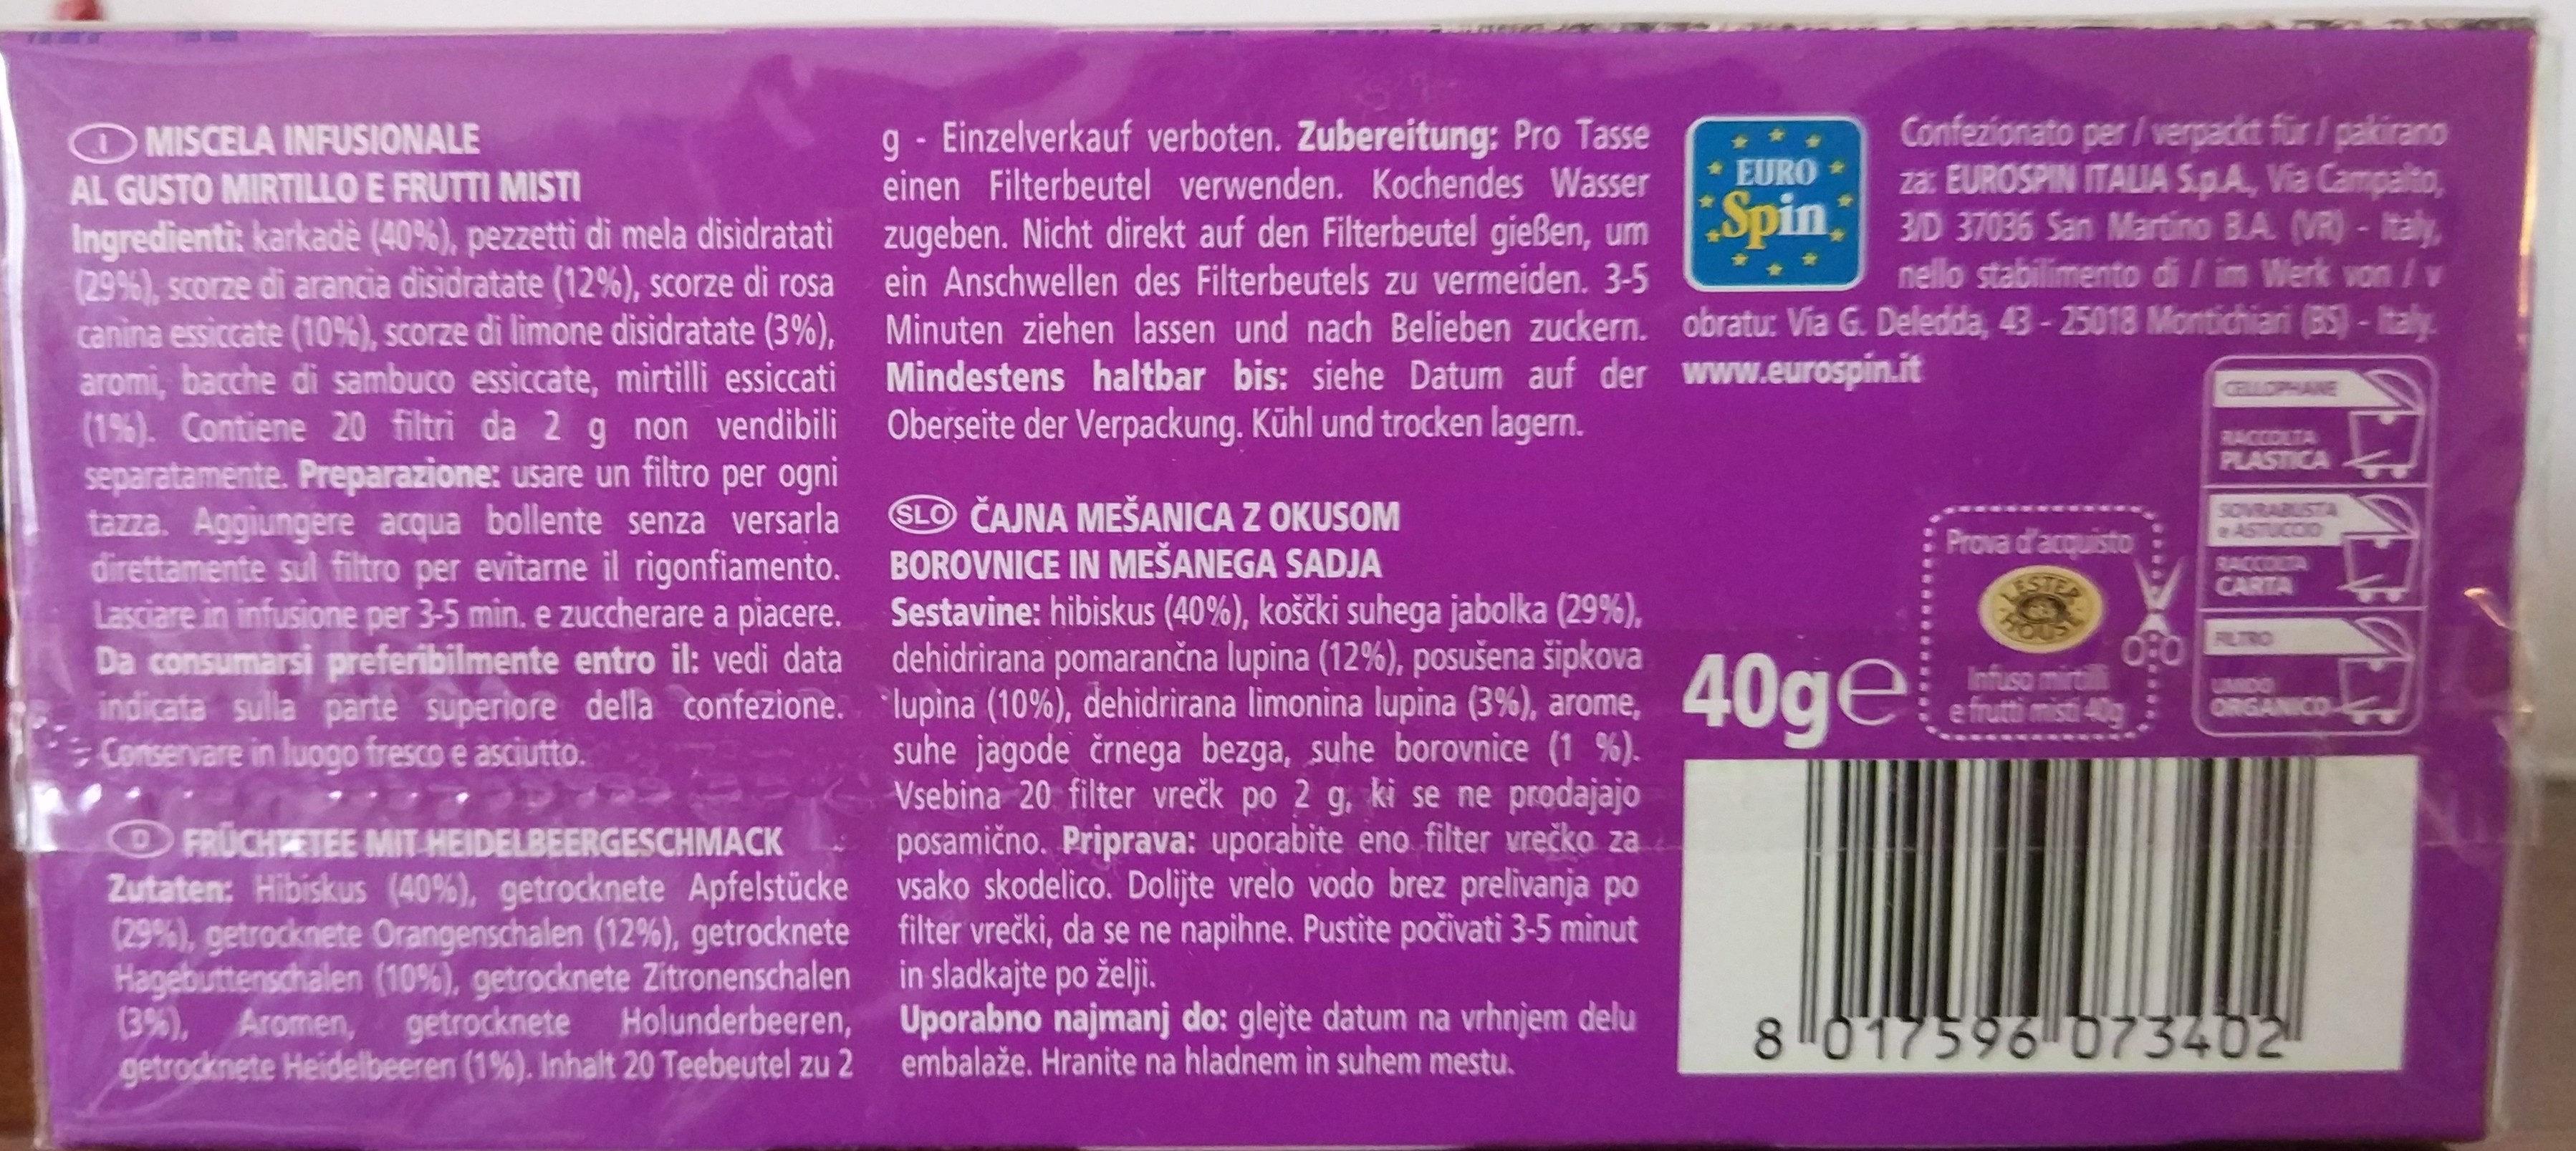 Infuso mirtilli e frutti misti - Ingredienti